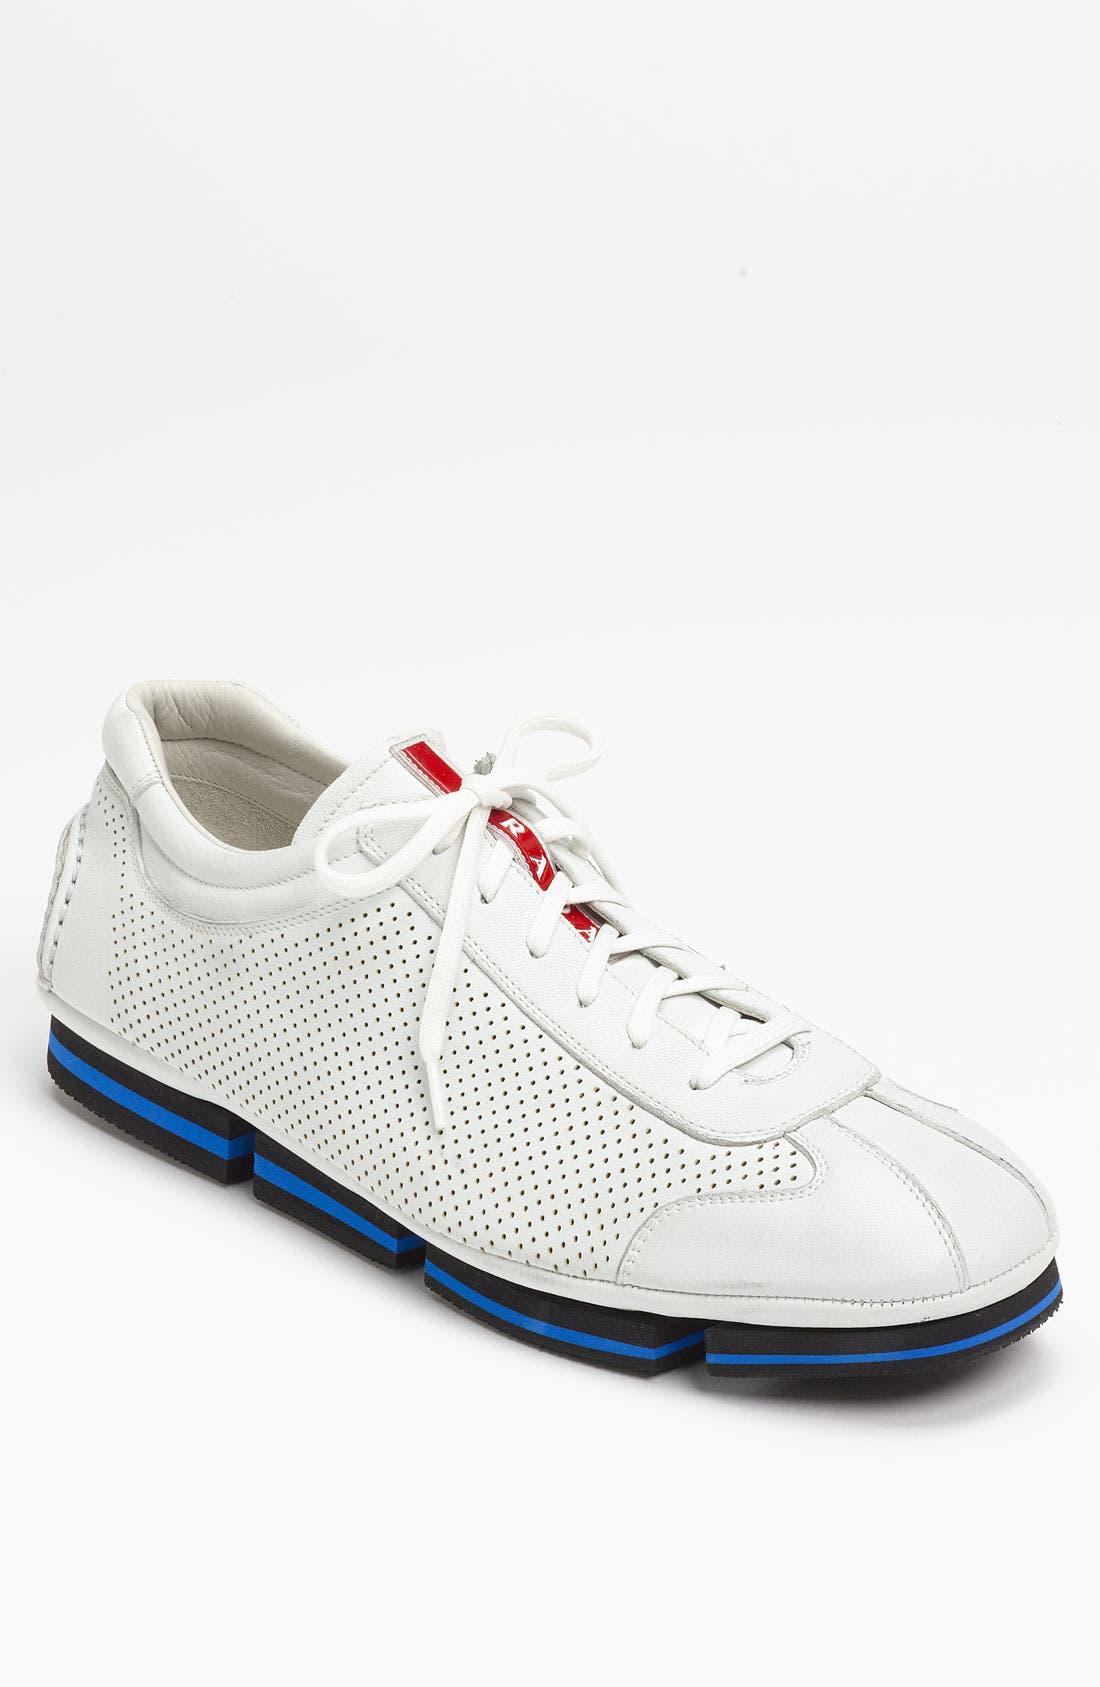 Main Image - Prada Perforated Sneaker